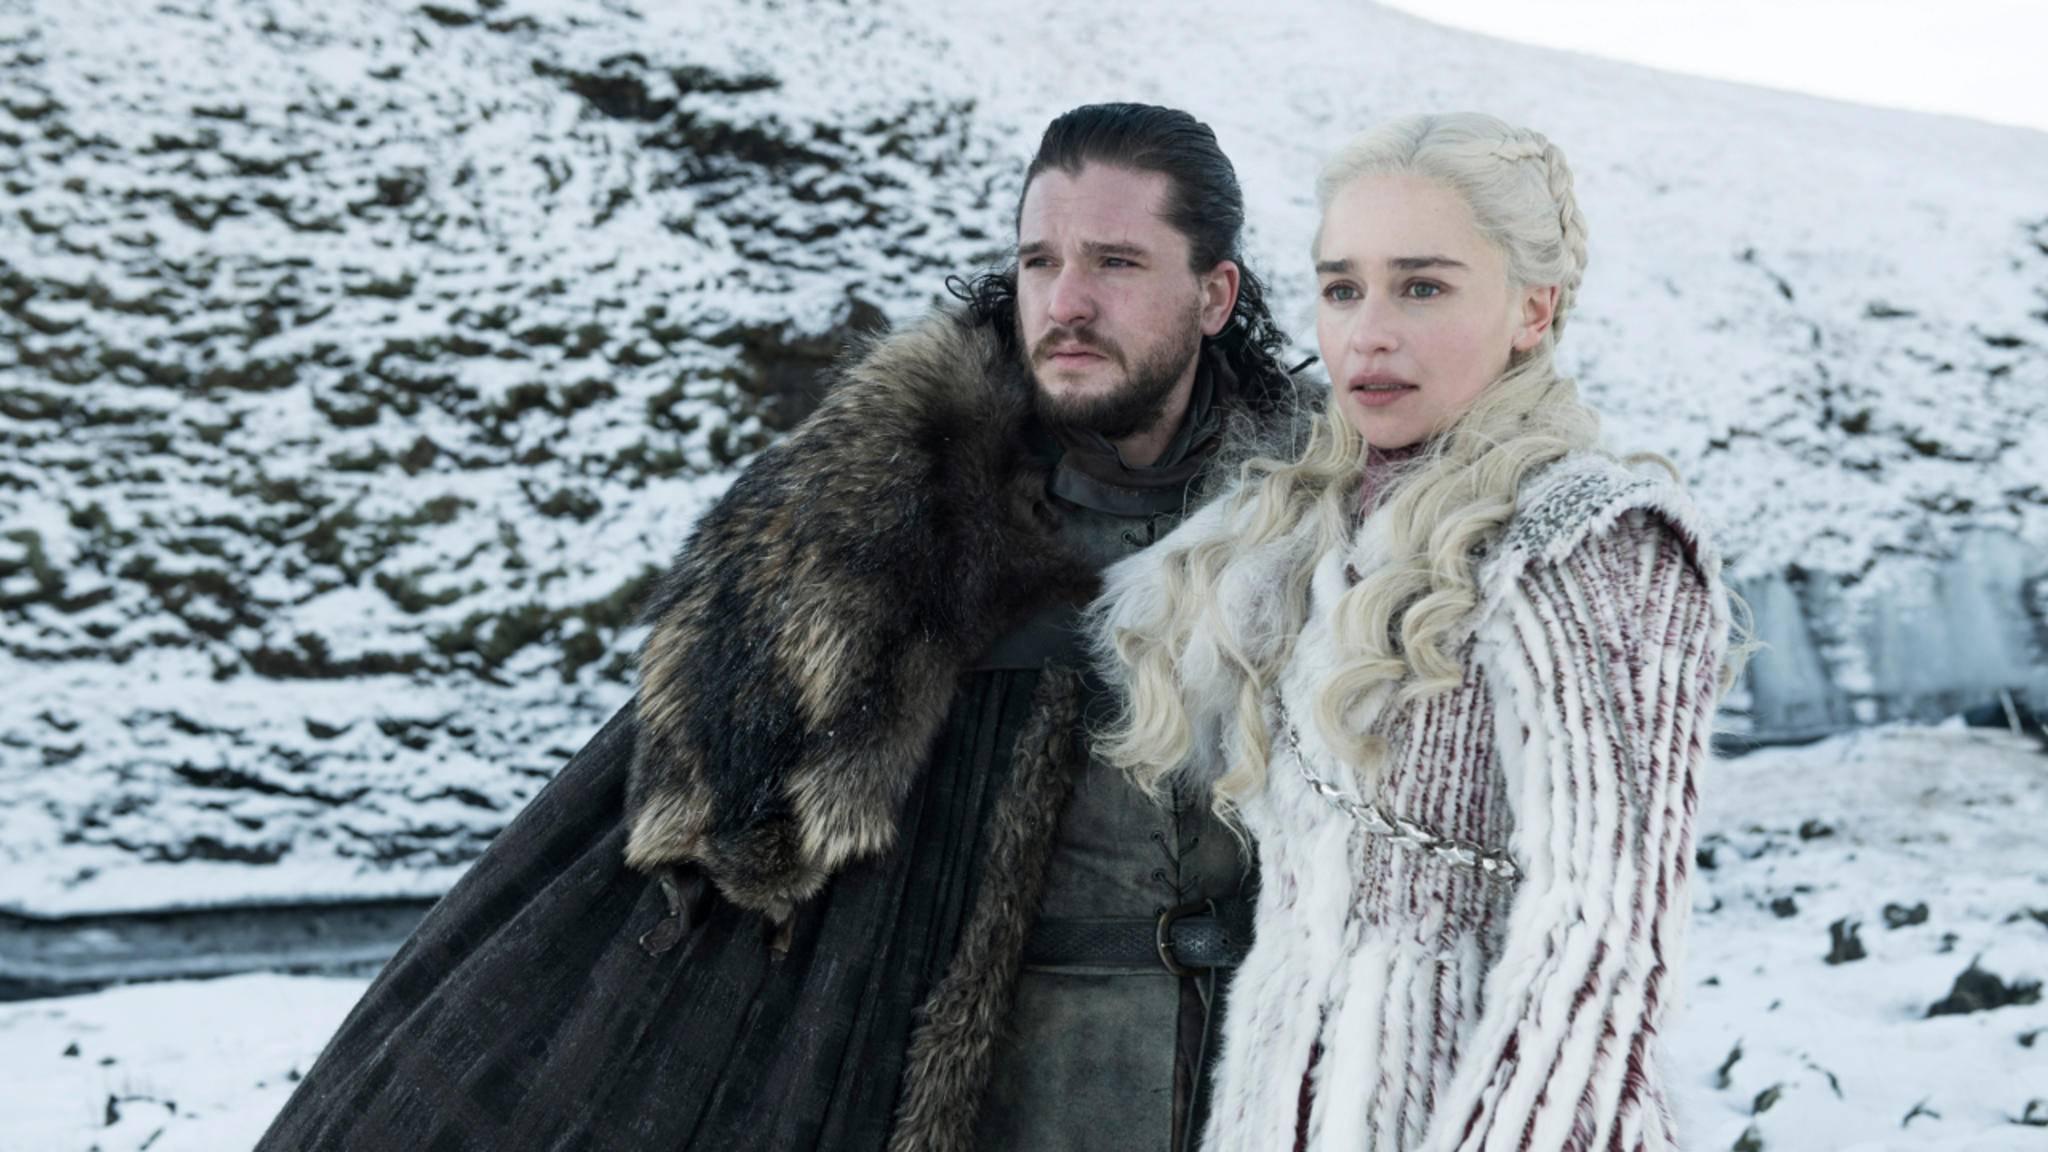 Ob sich Jon Snow und Daenerys Targaryen auch so sehr auf die Ereignisse von Staffel 8 freuen wie die Fans? Fraglich ...